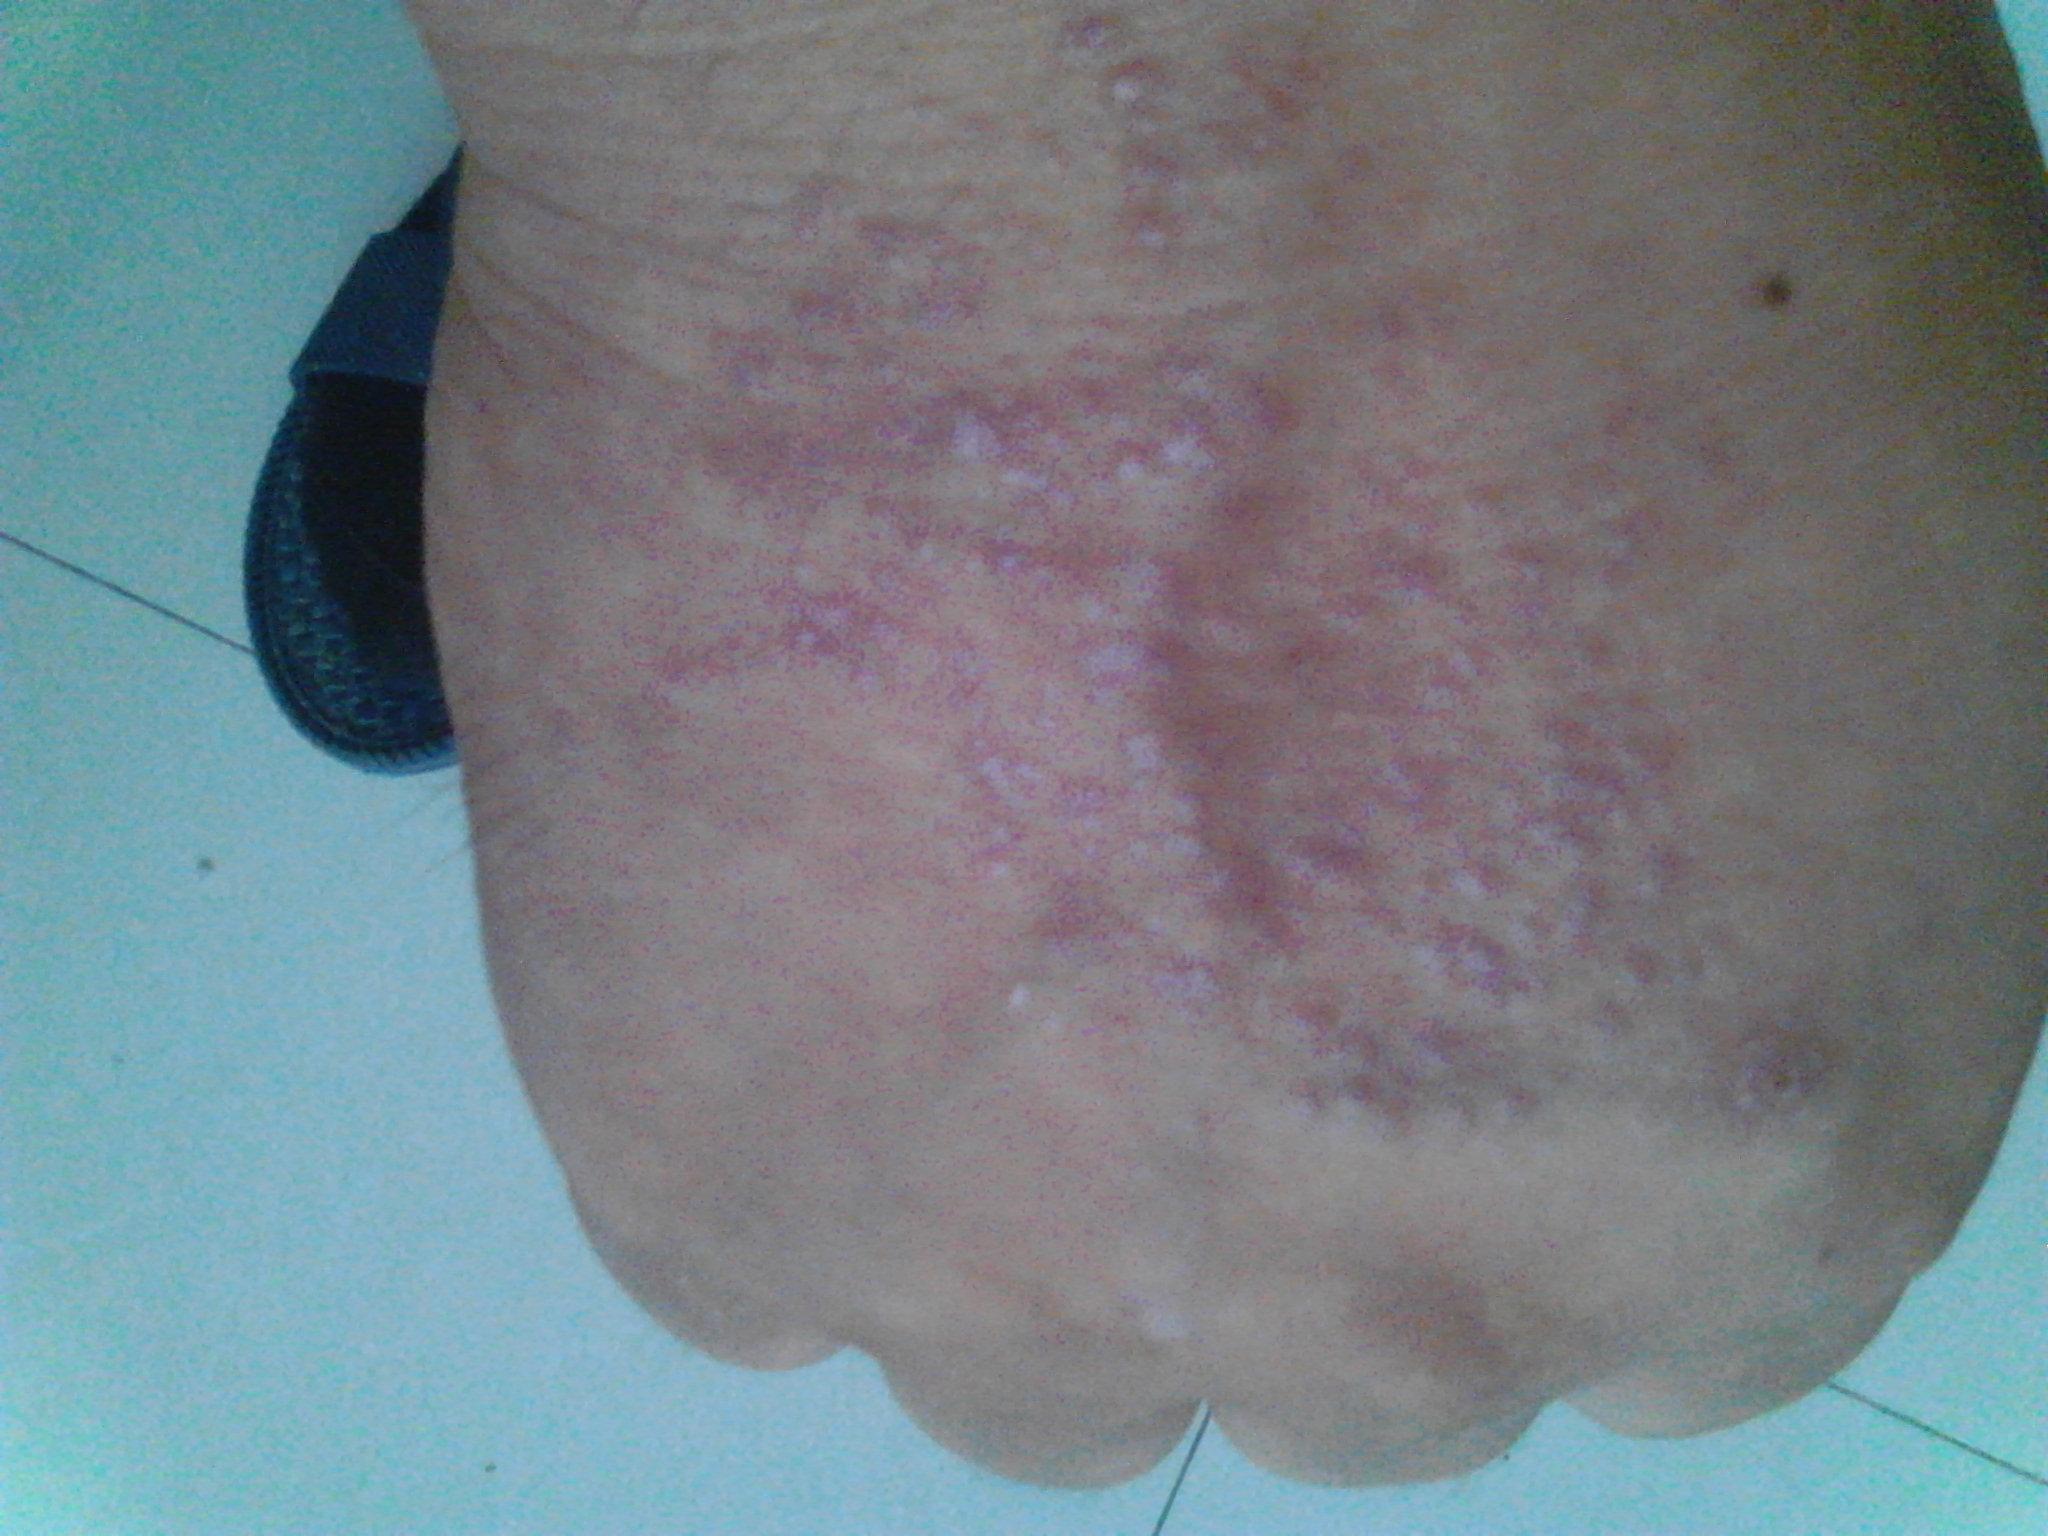 手背上皮炎引起真菌感染怎么治